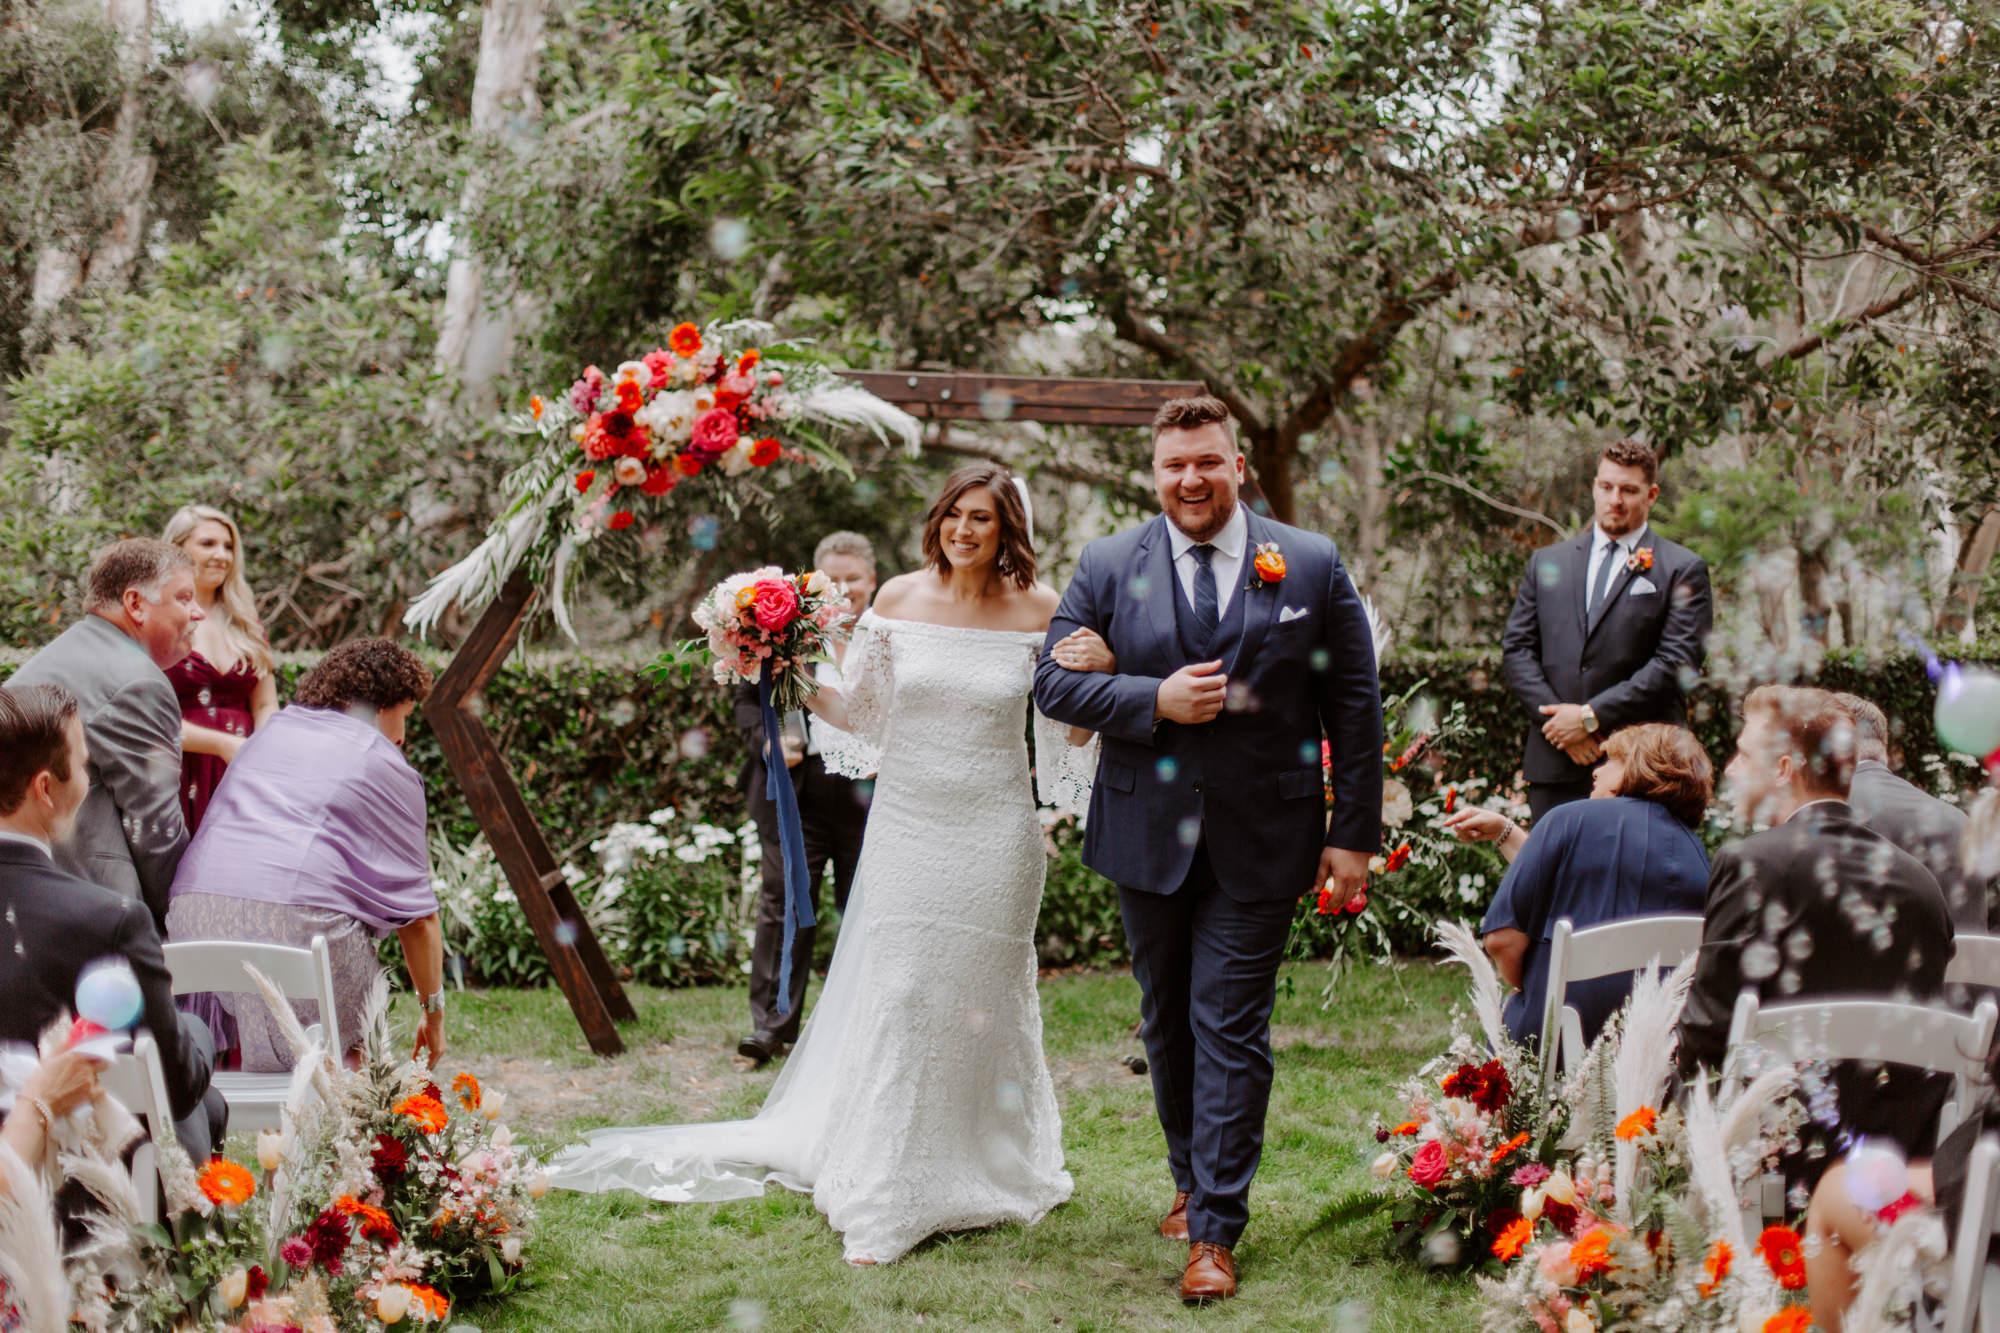 Rancho bernardo Inn san deigo wedding photography0059.jpg